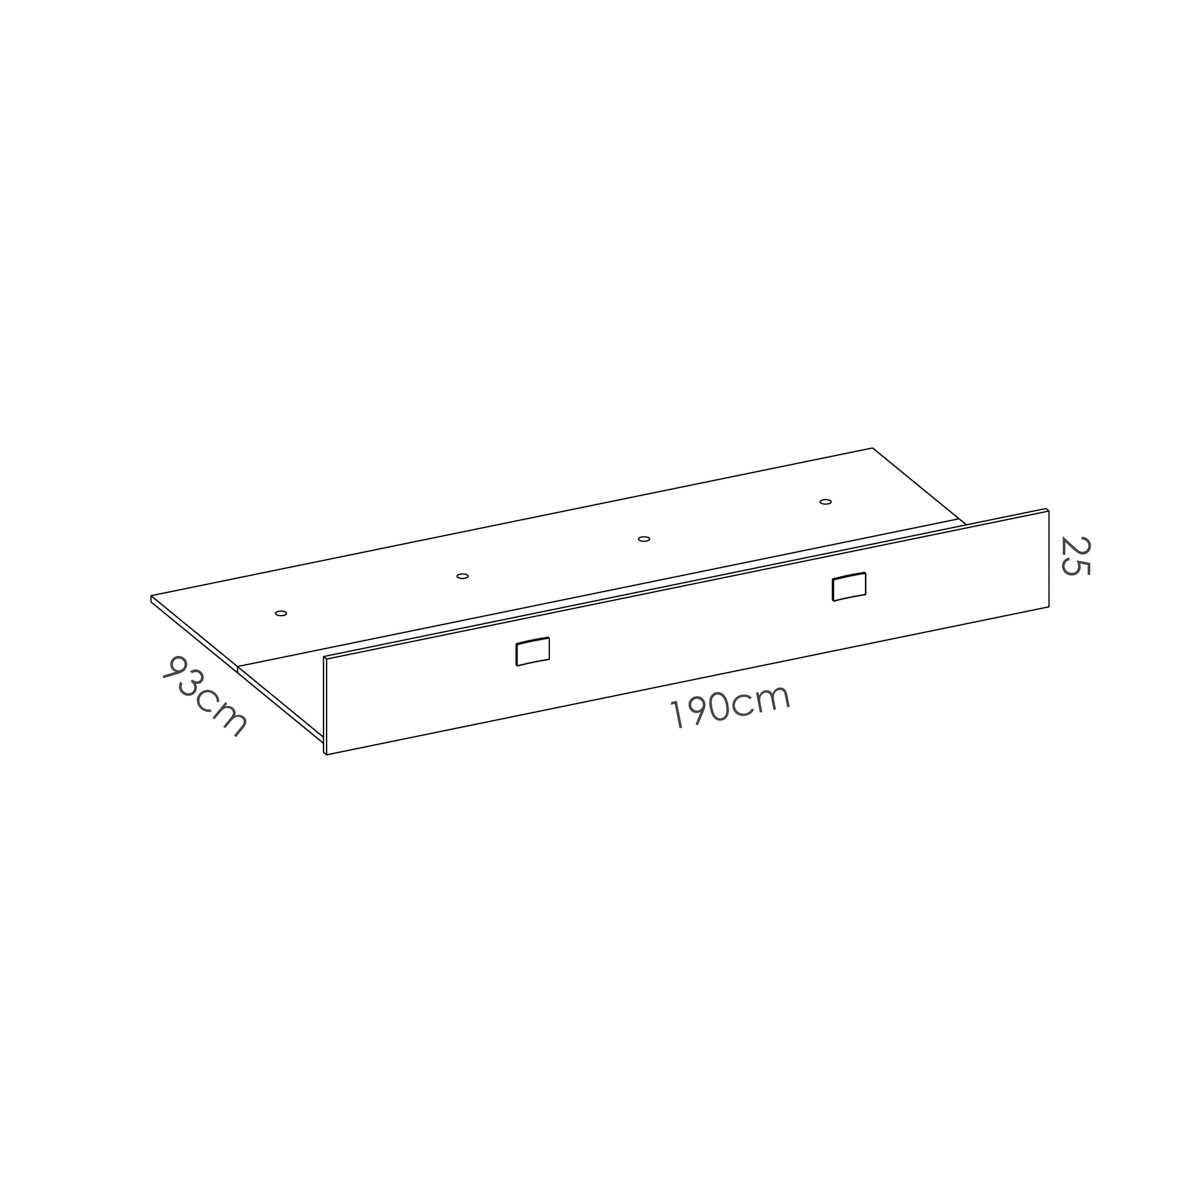 cama arrastre inferior nordica 6